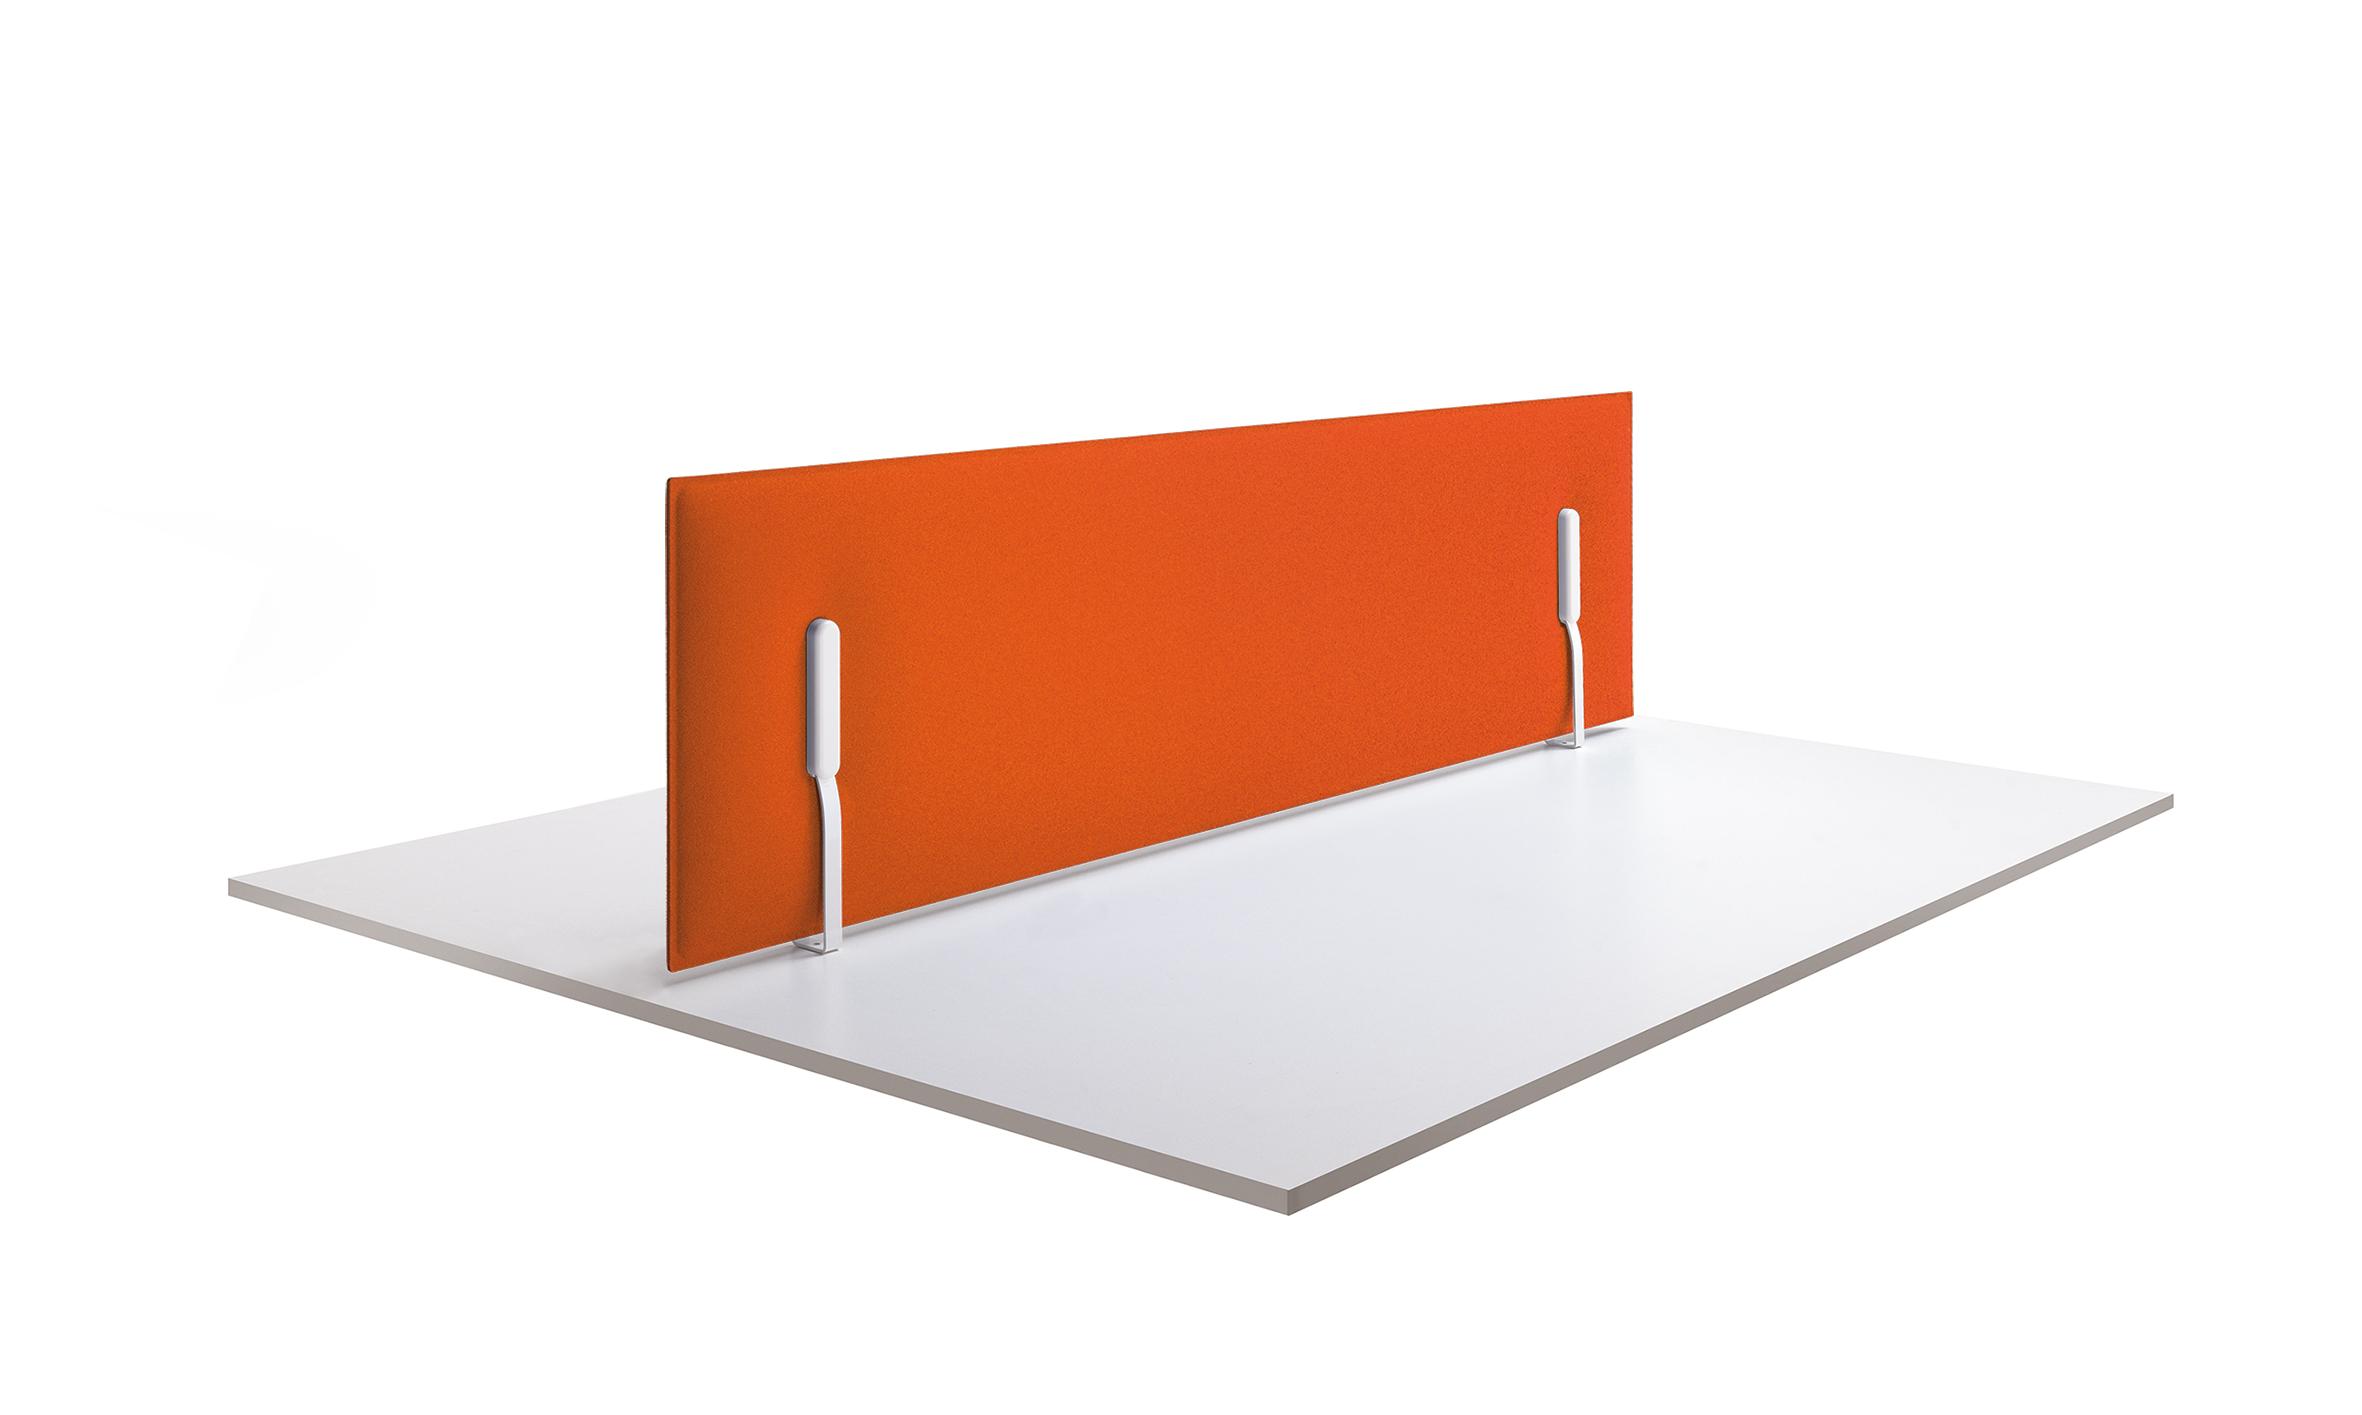 CAIMI Caimi Oversize Desk - Gamme de panneaux acoustiques pour bureaux